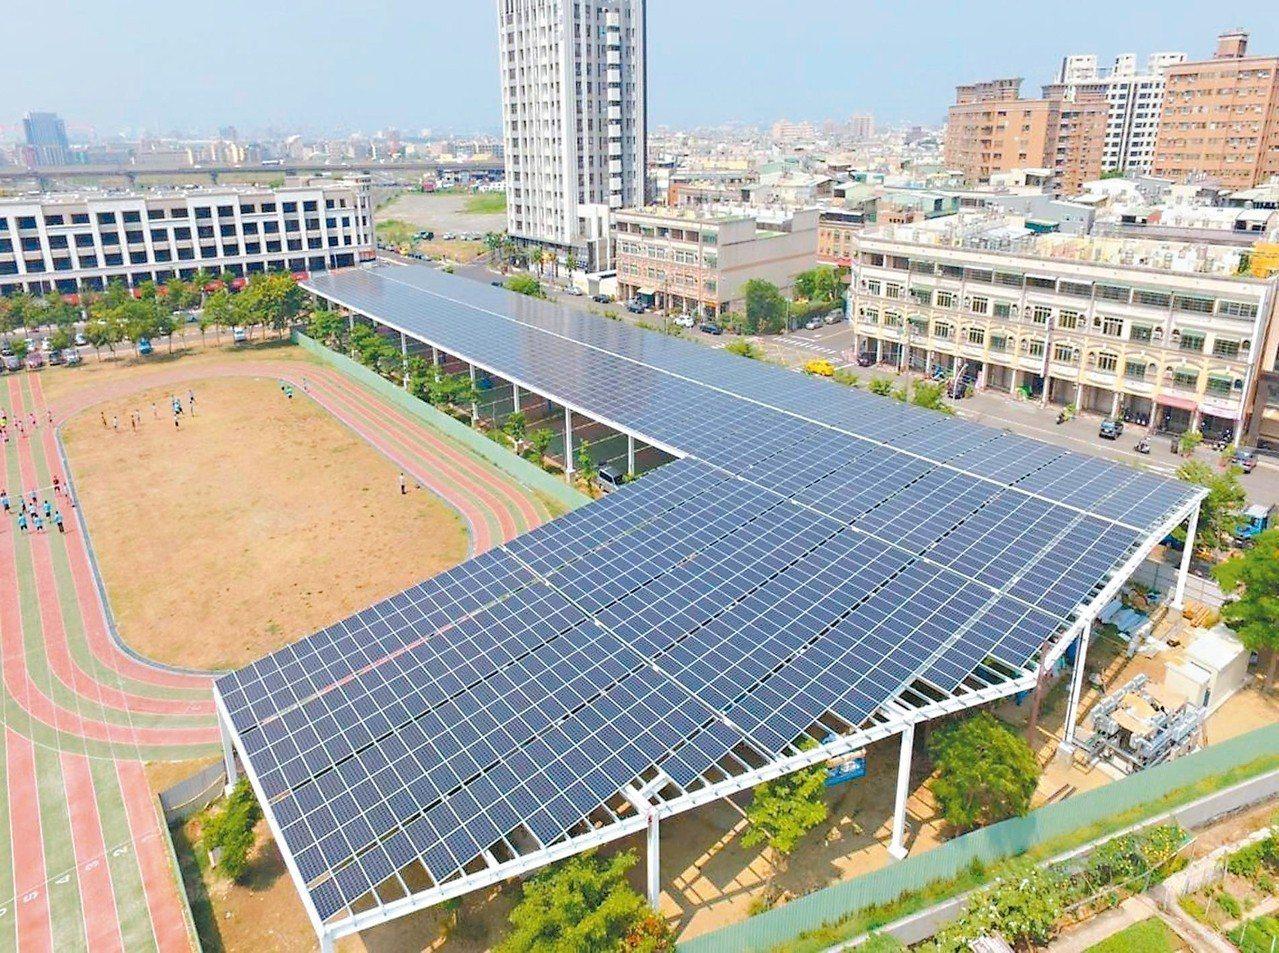 高雄市鳳翔國中完成全國首座由業者全額出資興建的太陽能光電風雨球場。 圖/體育署提...